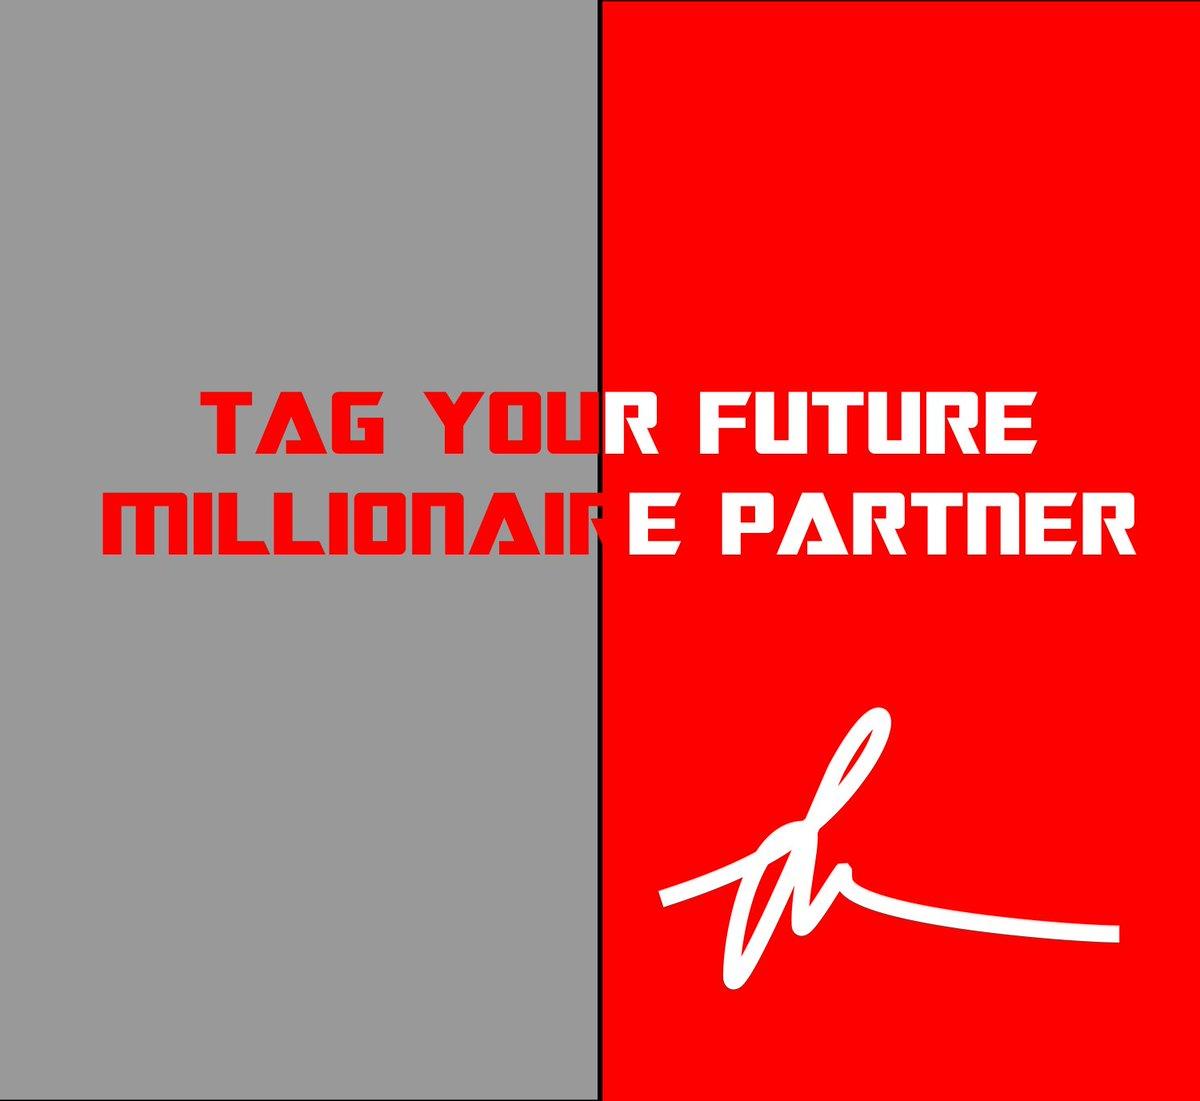 #partner